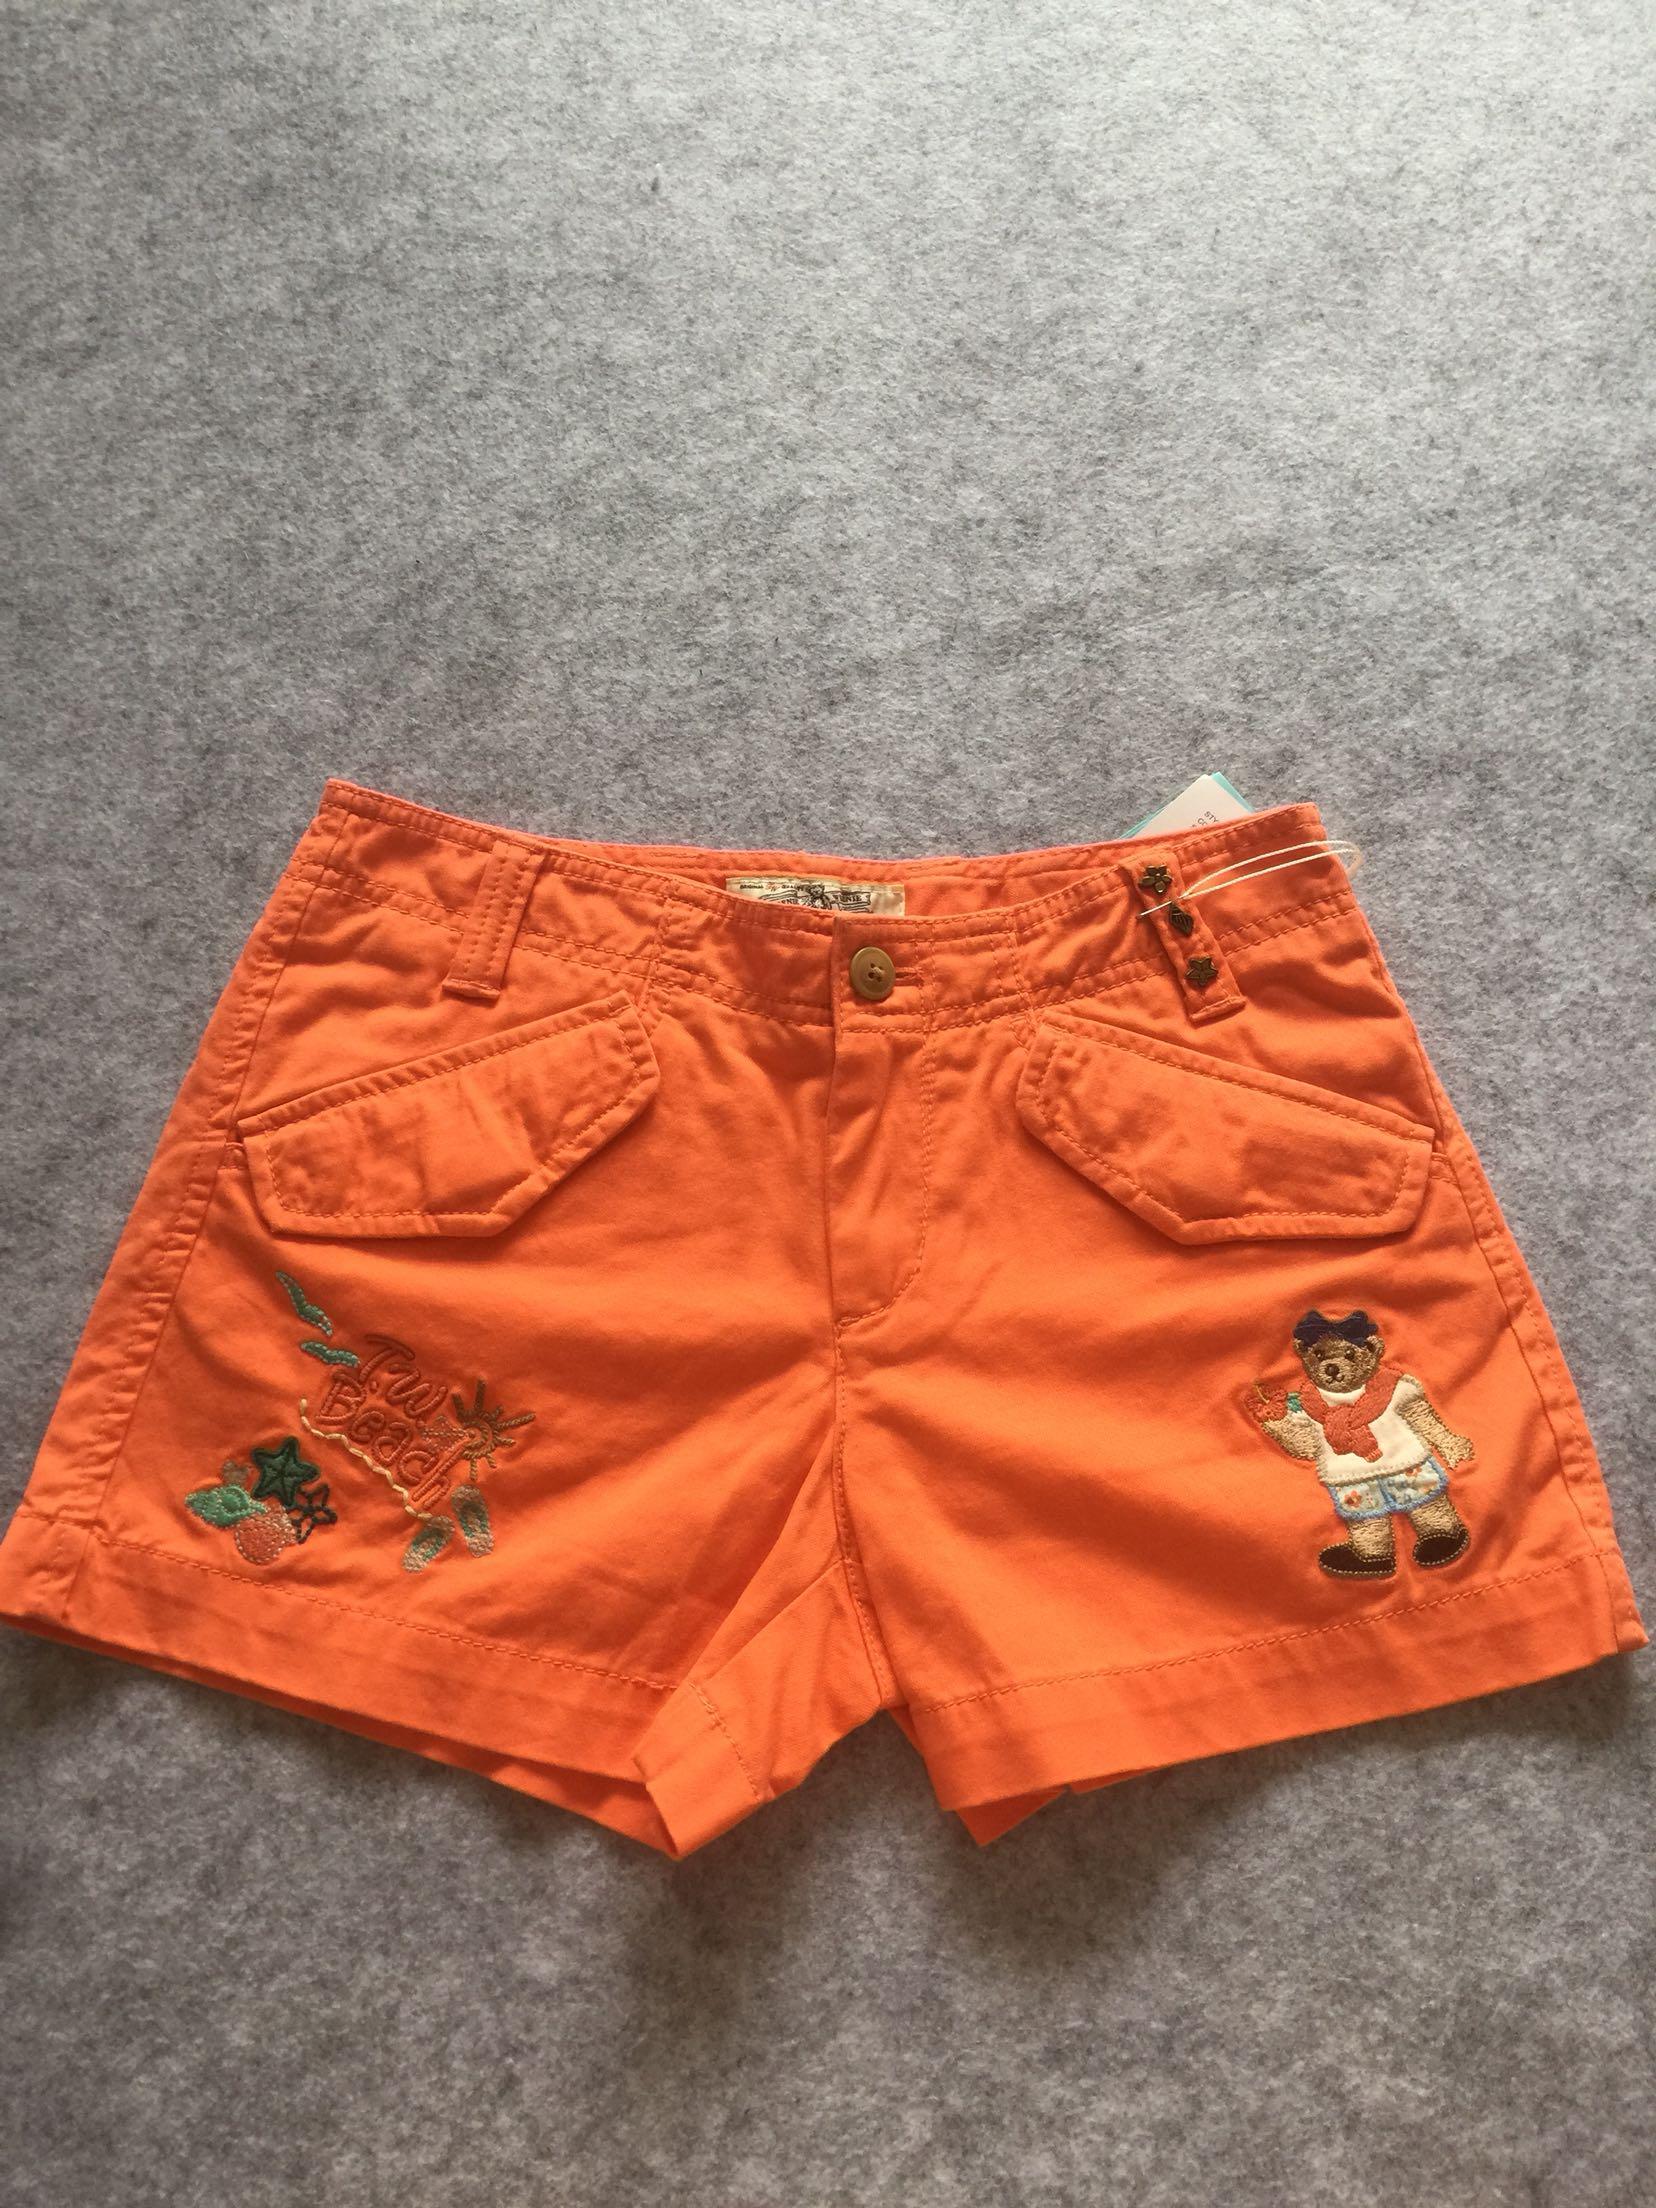 代购小熊TEENIEweenie女士短裤ttth43702a-00